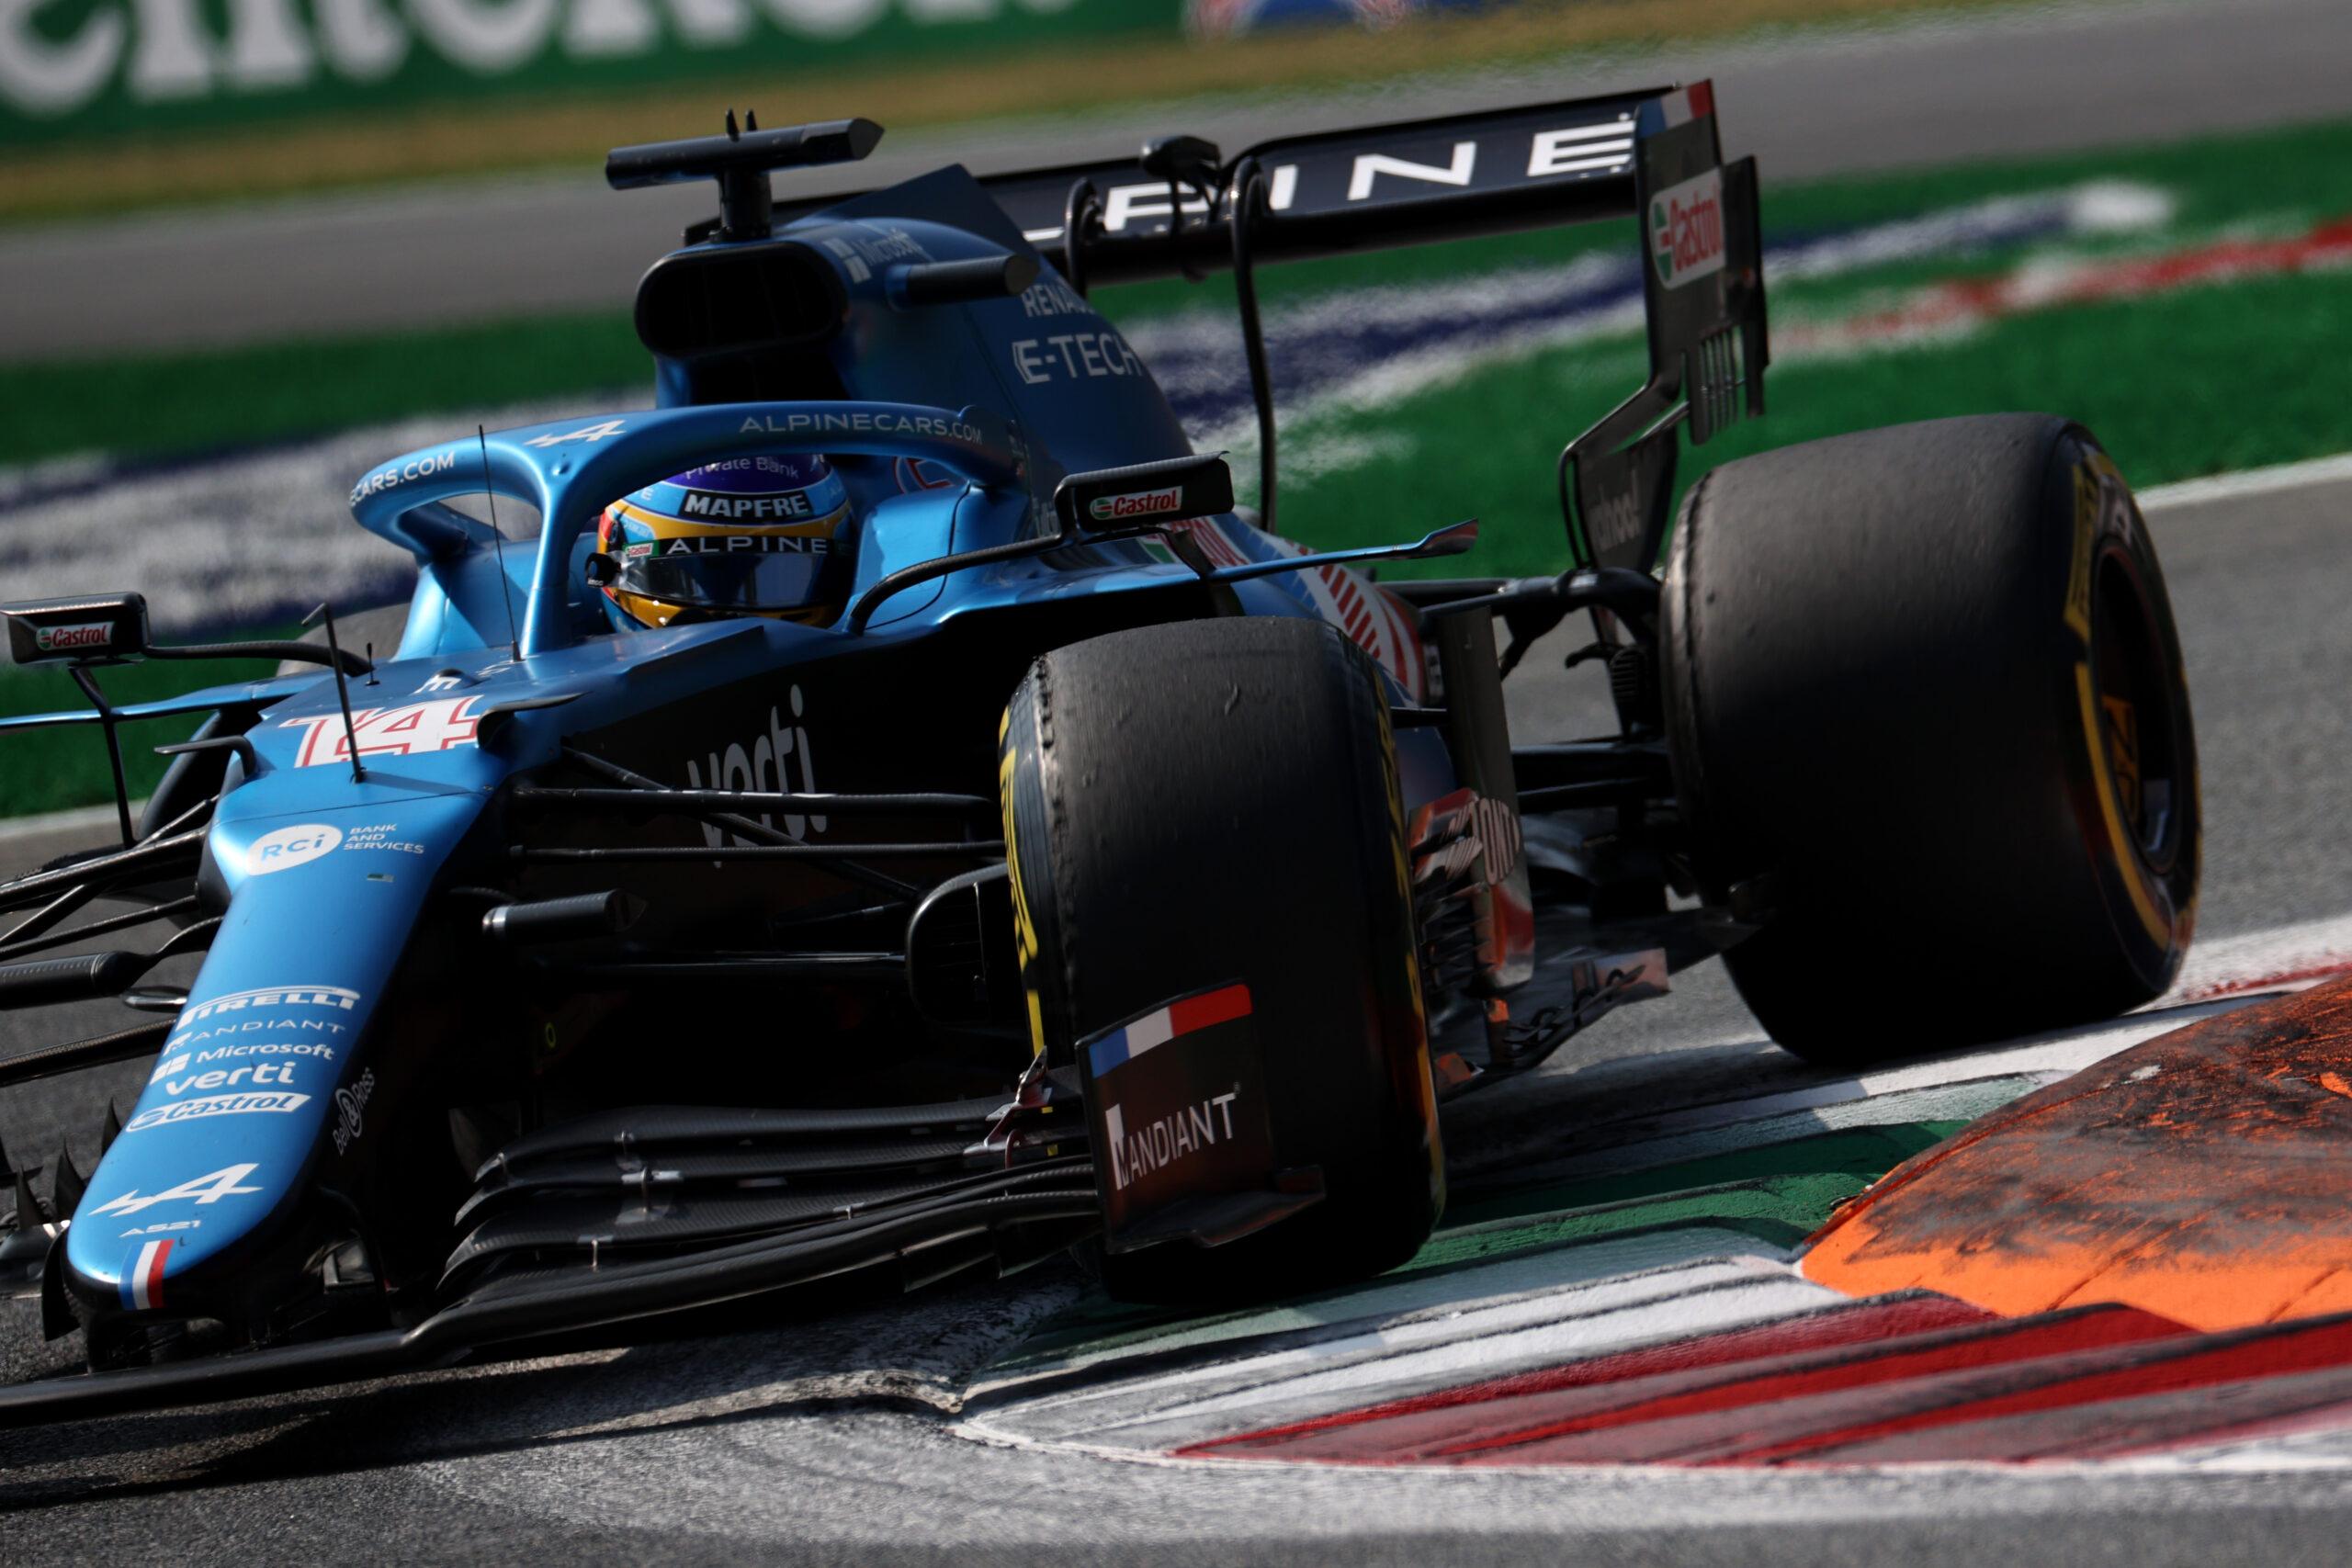 F1 - Une qualification sprint mitigée pour Alpine F1 à Monza